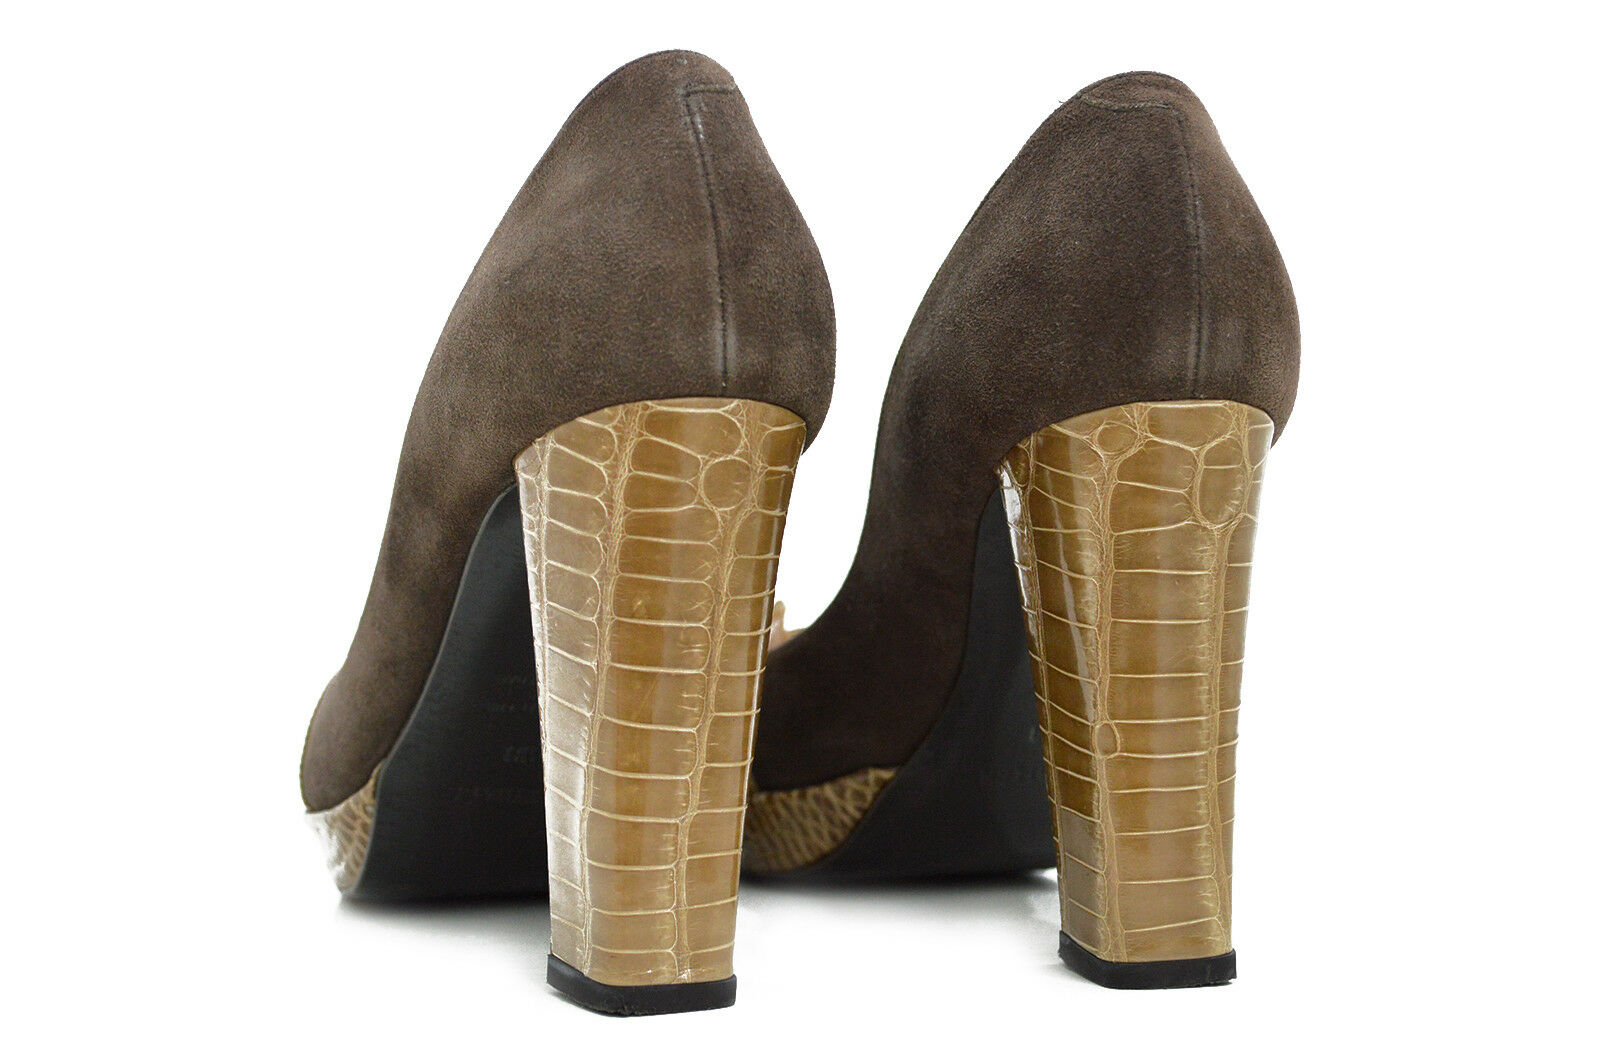 Auth HERMES Exotic Crocodile Leder Pumps Peep Toe Platform H Pumps Leder Heels 38 Beige def0b1